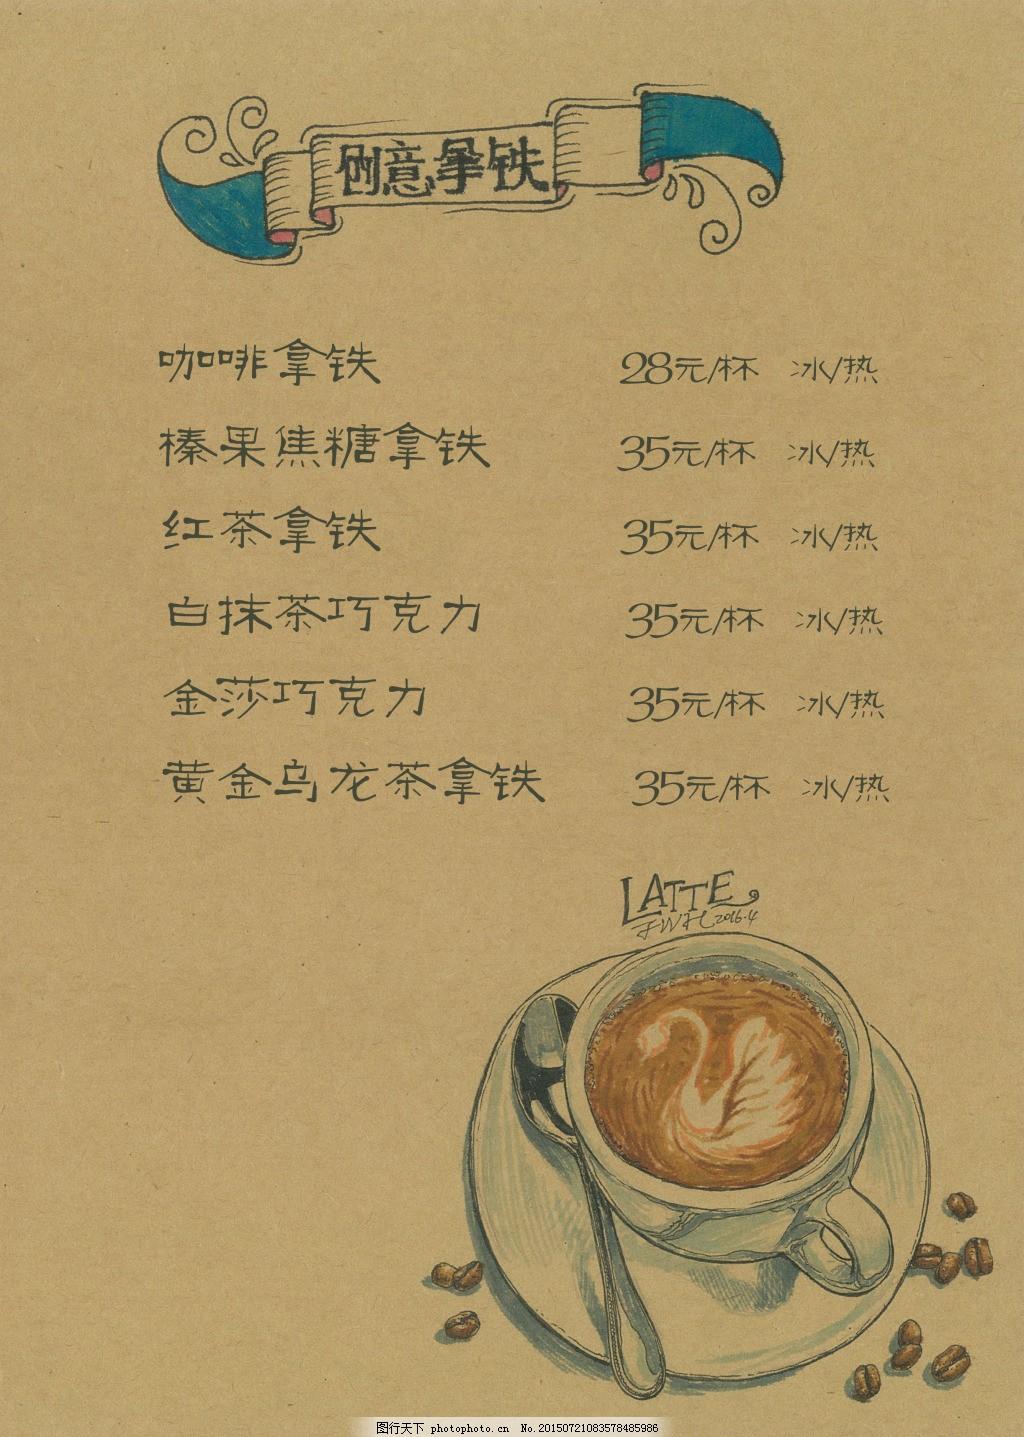 手绘咖啡厅菜单